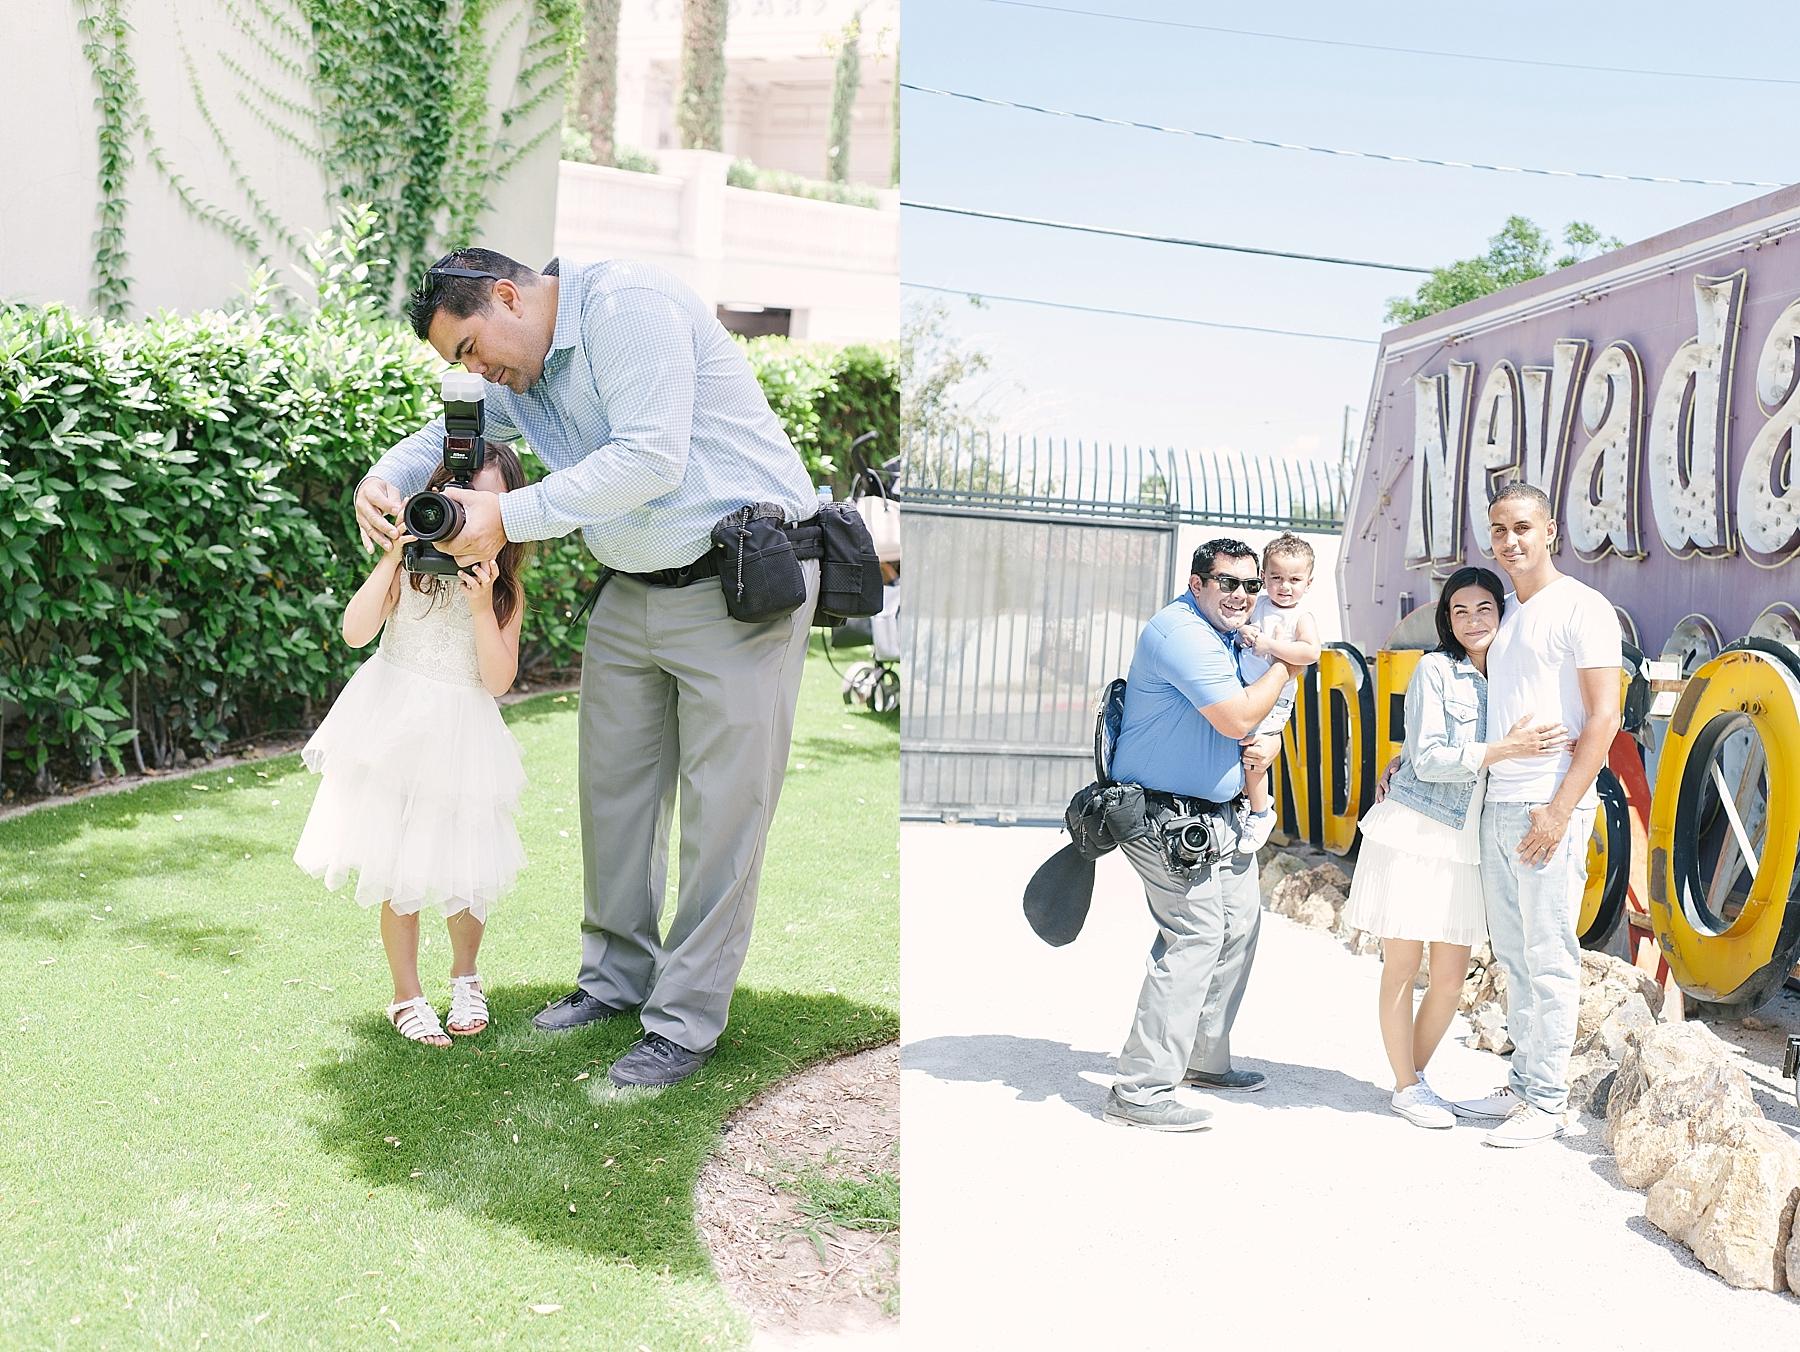 las_vegas_wedding_photographers_behind_the_scenes-02-11.jpg